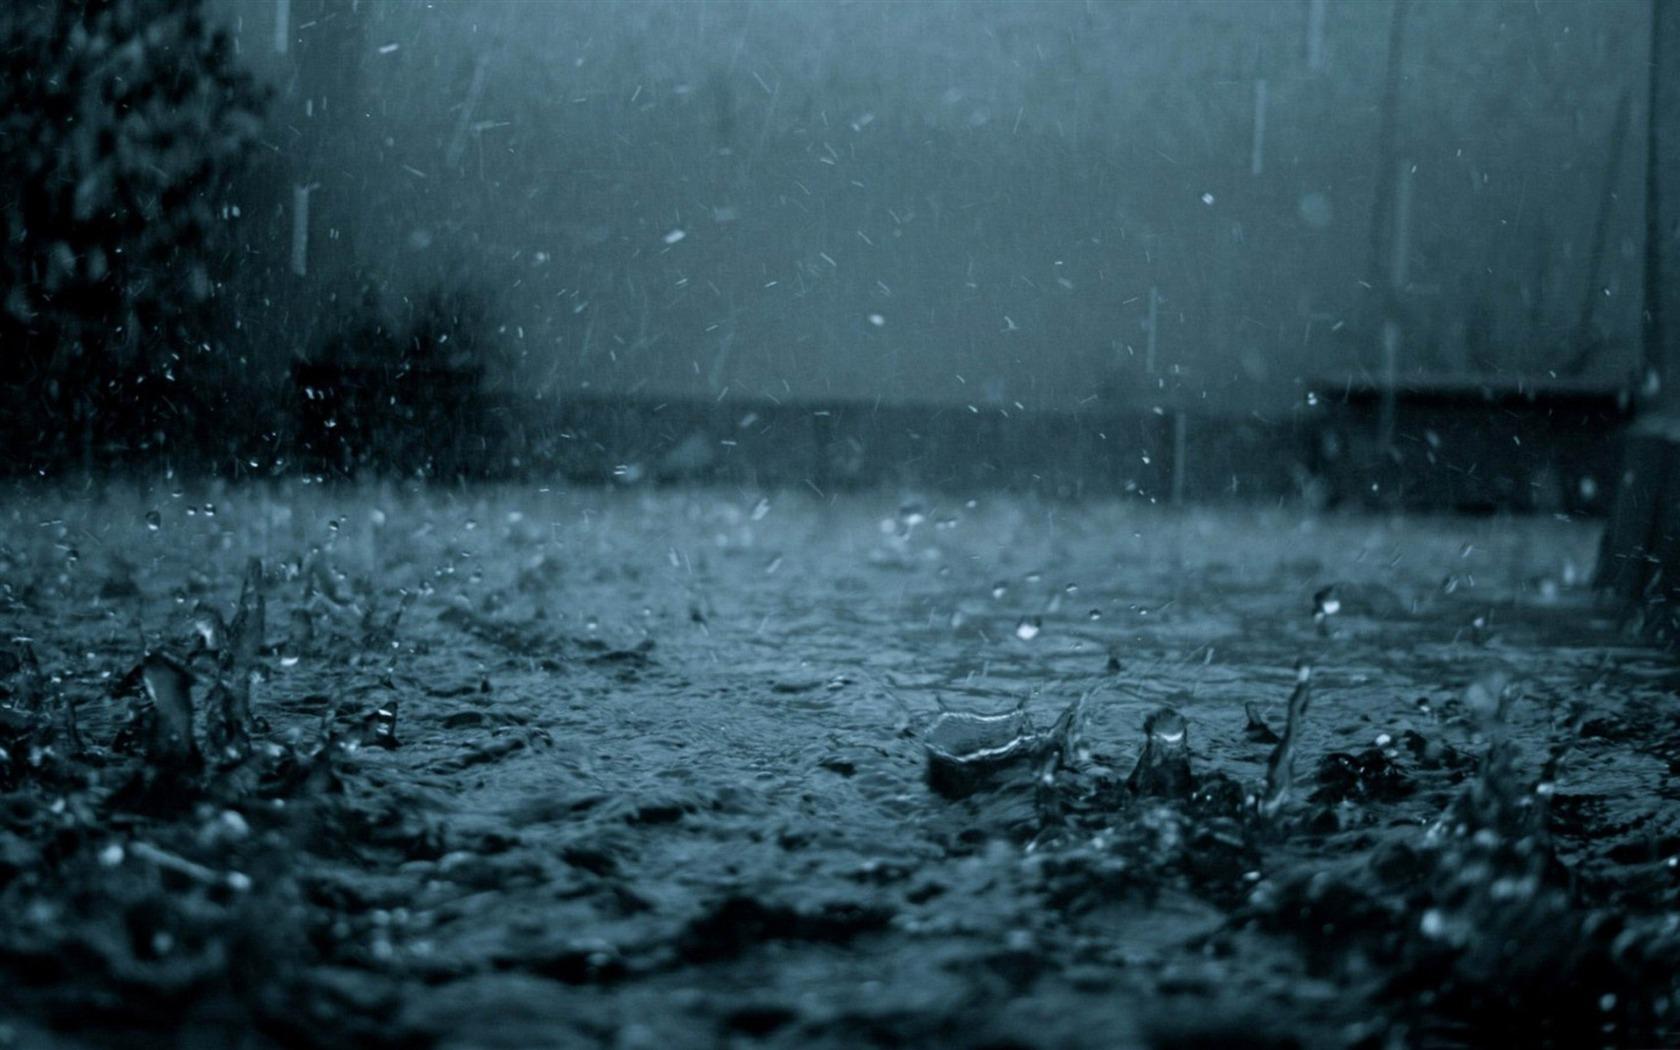 雨 秋の風景の壁紙プレビュー 10wallpaper Com